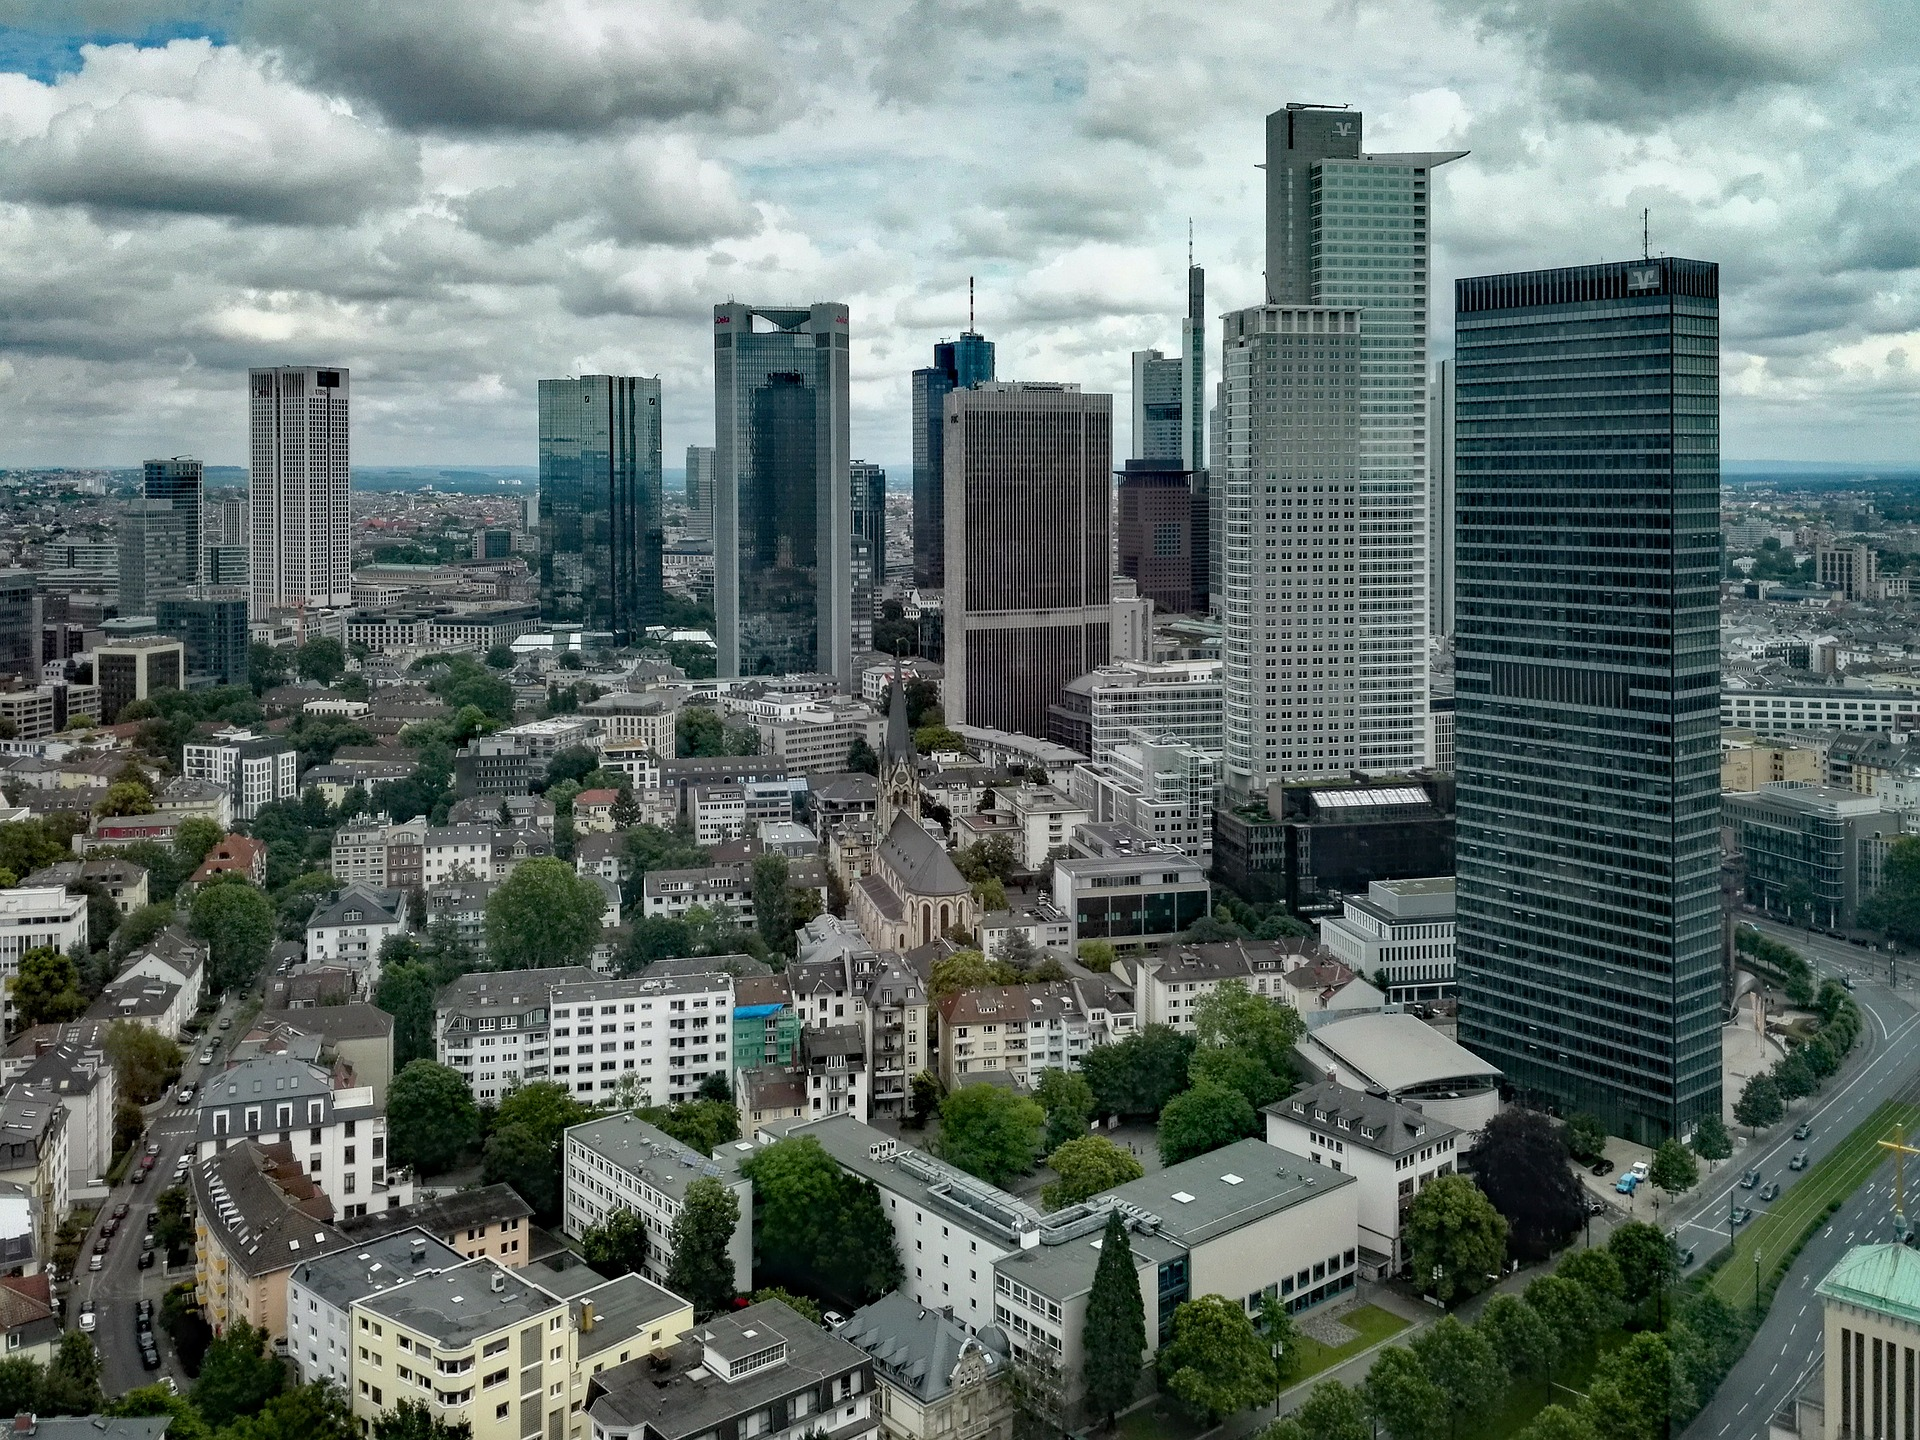 Abbildung_4_Die_Frankfurter_Skyline_ist_beeindruckend_Am_n_chstuFYyGQ